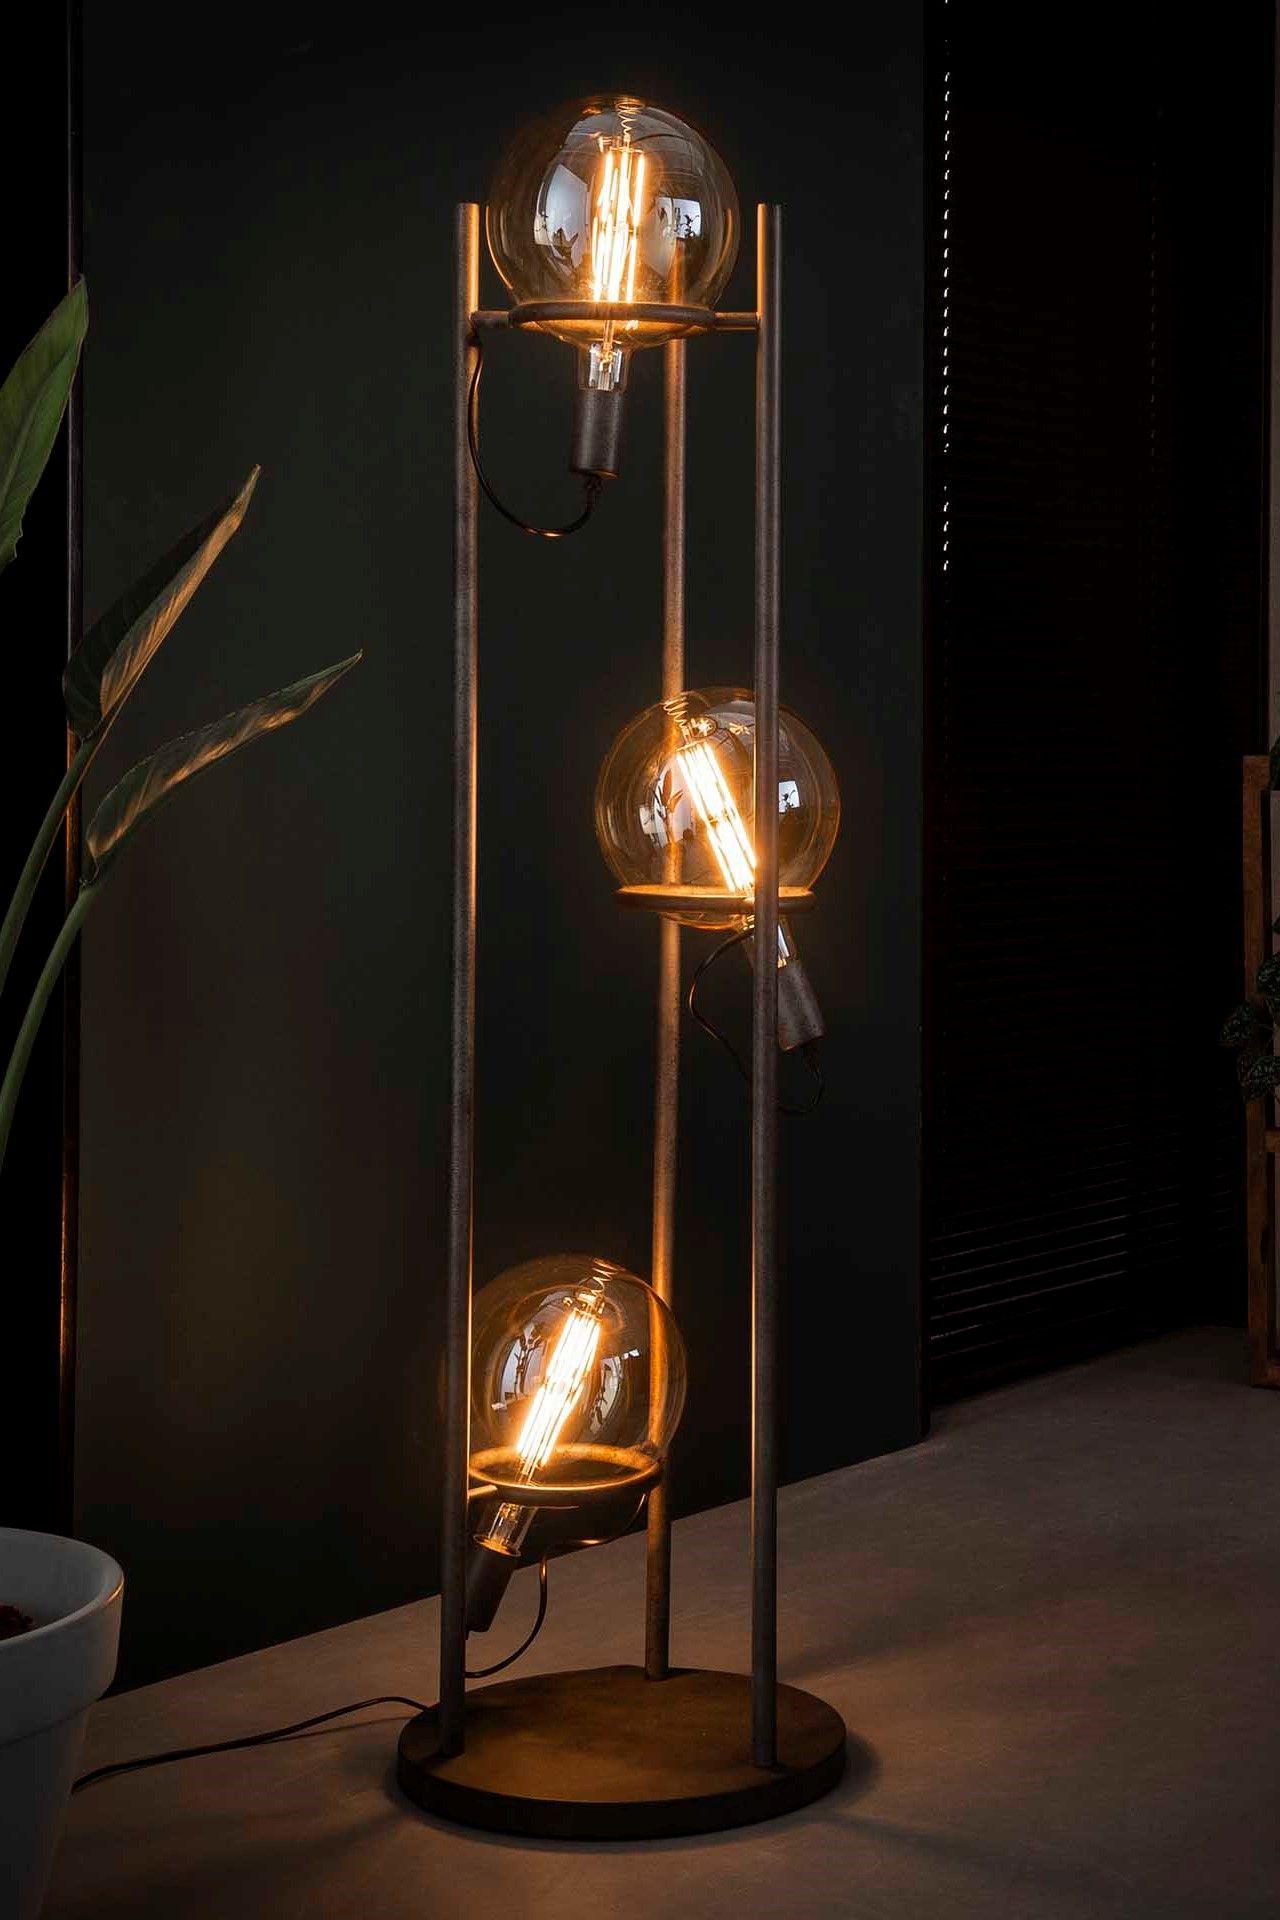 stehlampe saturn xl | stehlampe wohnzimmer, stehlampe, coole